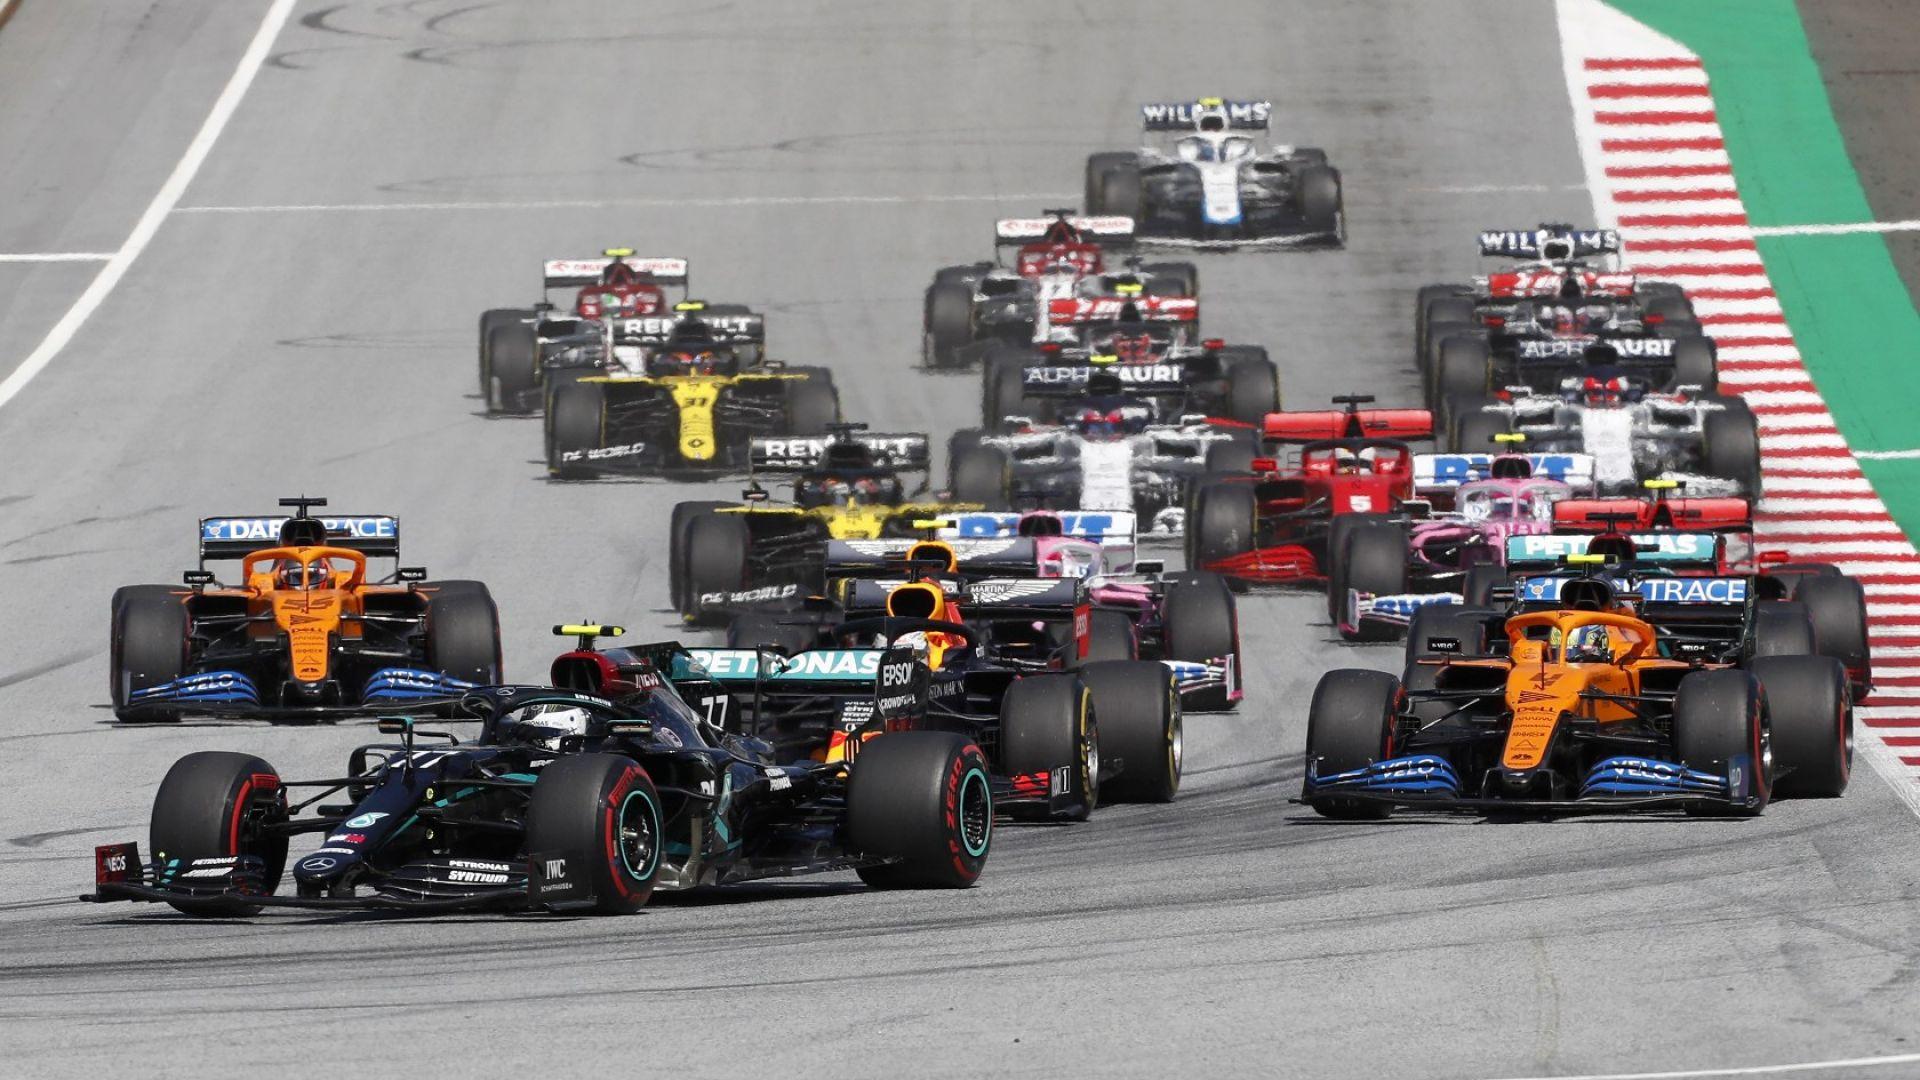 Надеждите за Формула 1 отвъд океана угаснаха, но пък включиха три нови старта в Европа